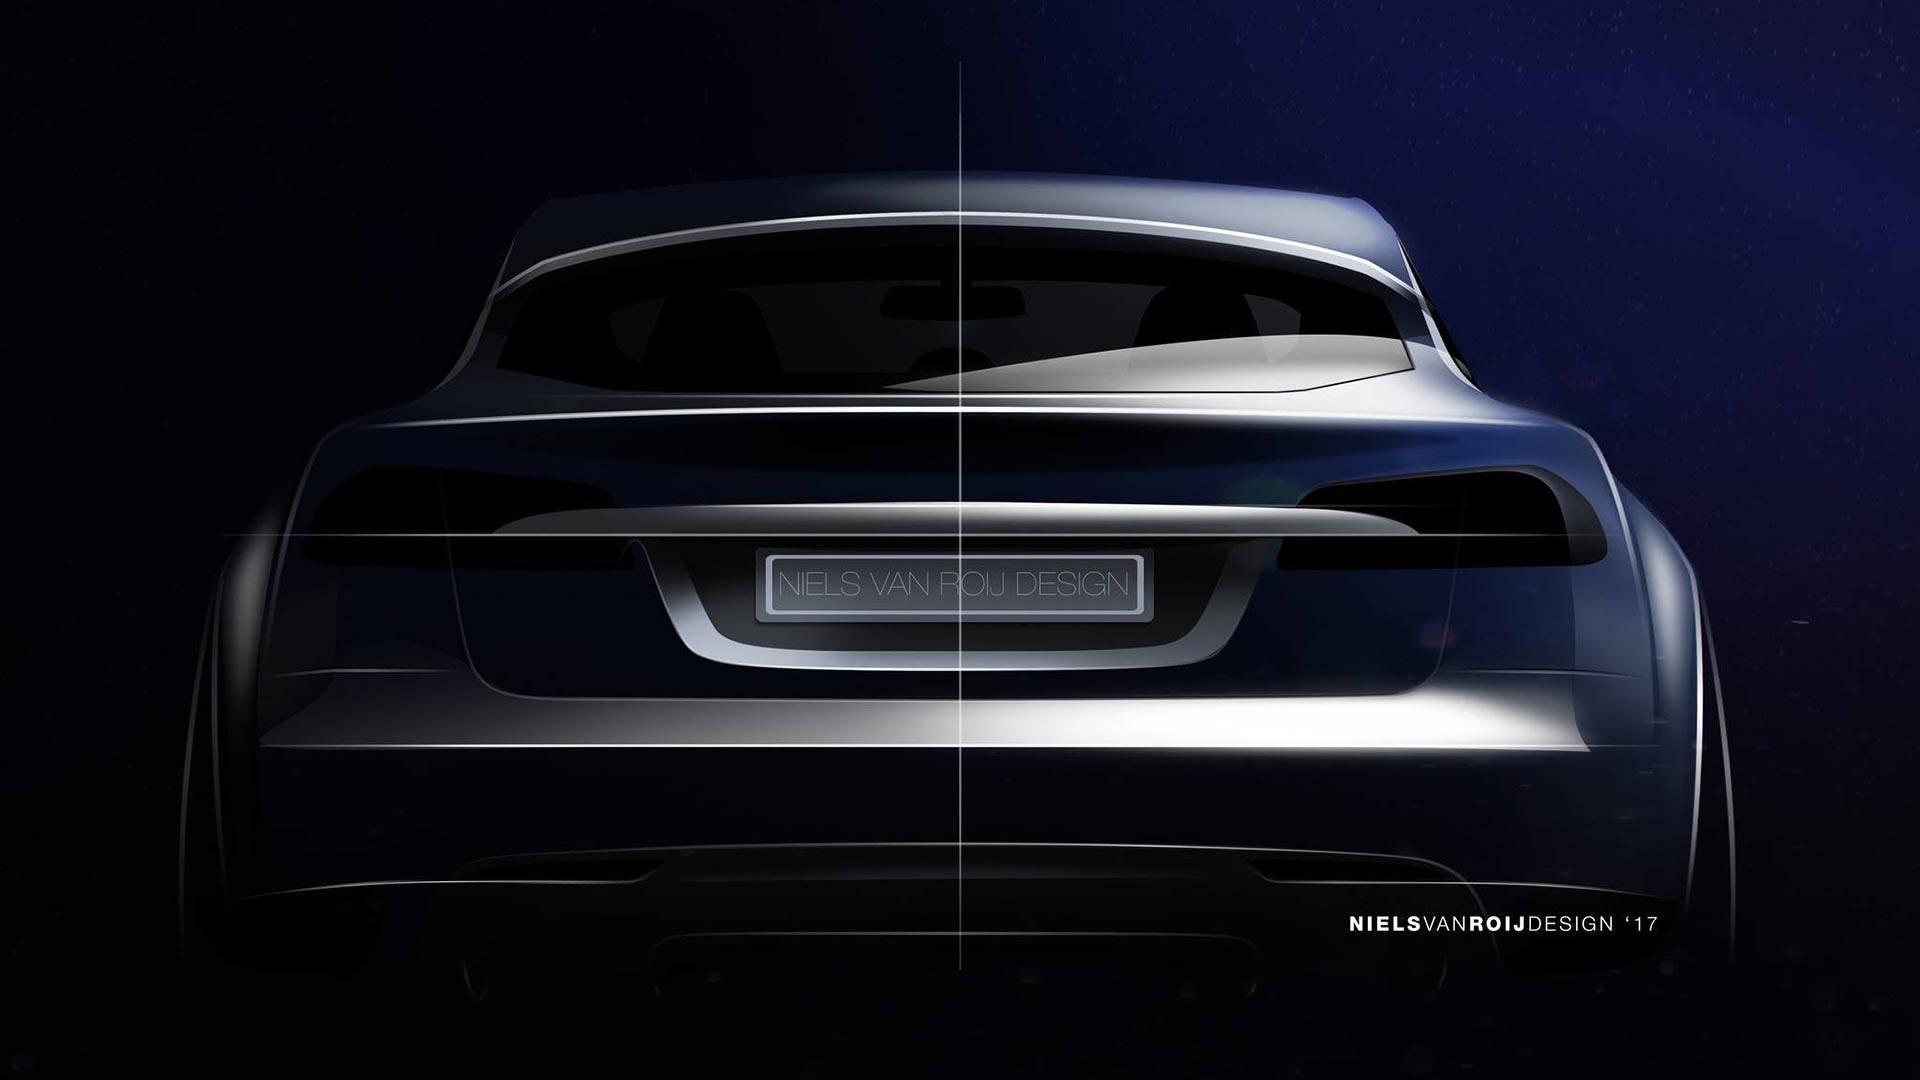 Niels van Roij Design Tesla Model S Shooting Brake (2)